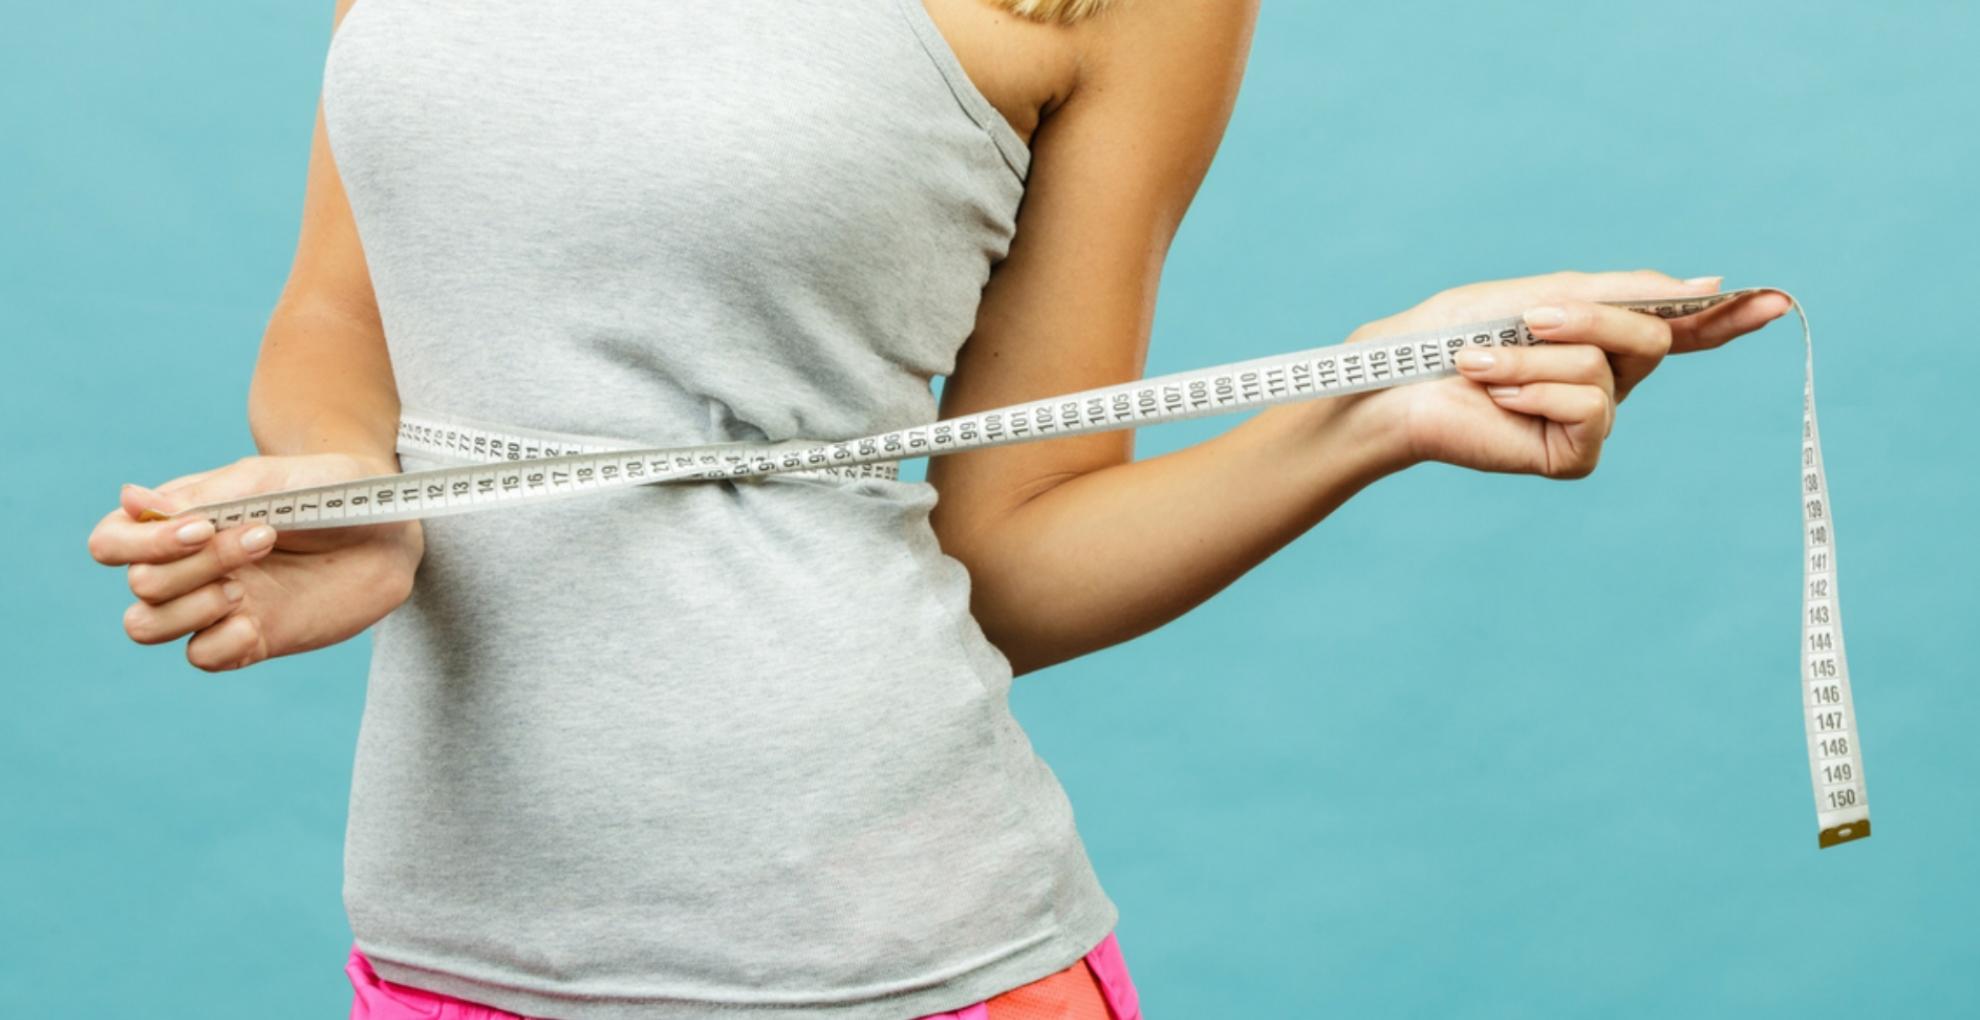 Weight Loss: बढ़ते वजन से आप भी हैं परेशान? तो इन आयुर्वेदिक टिप्स से कम वक्त में ही पाएं स्लिम और फिट बॉडी